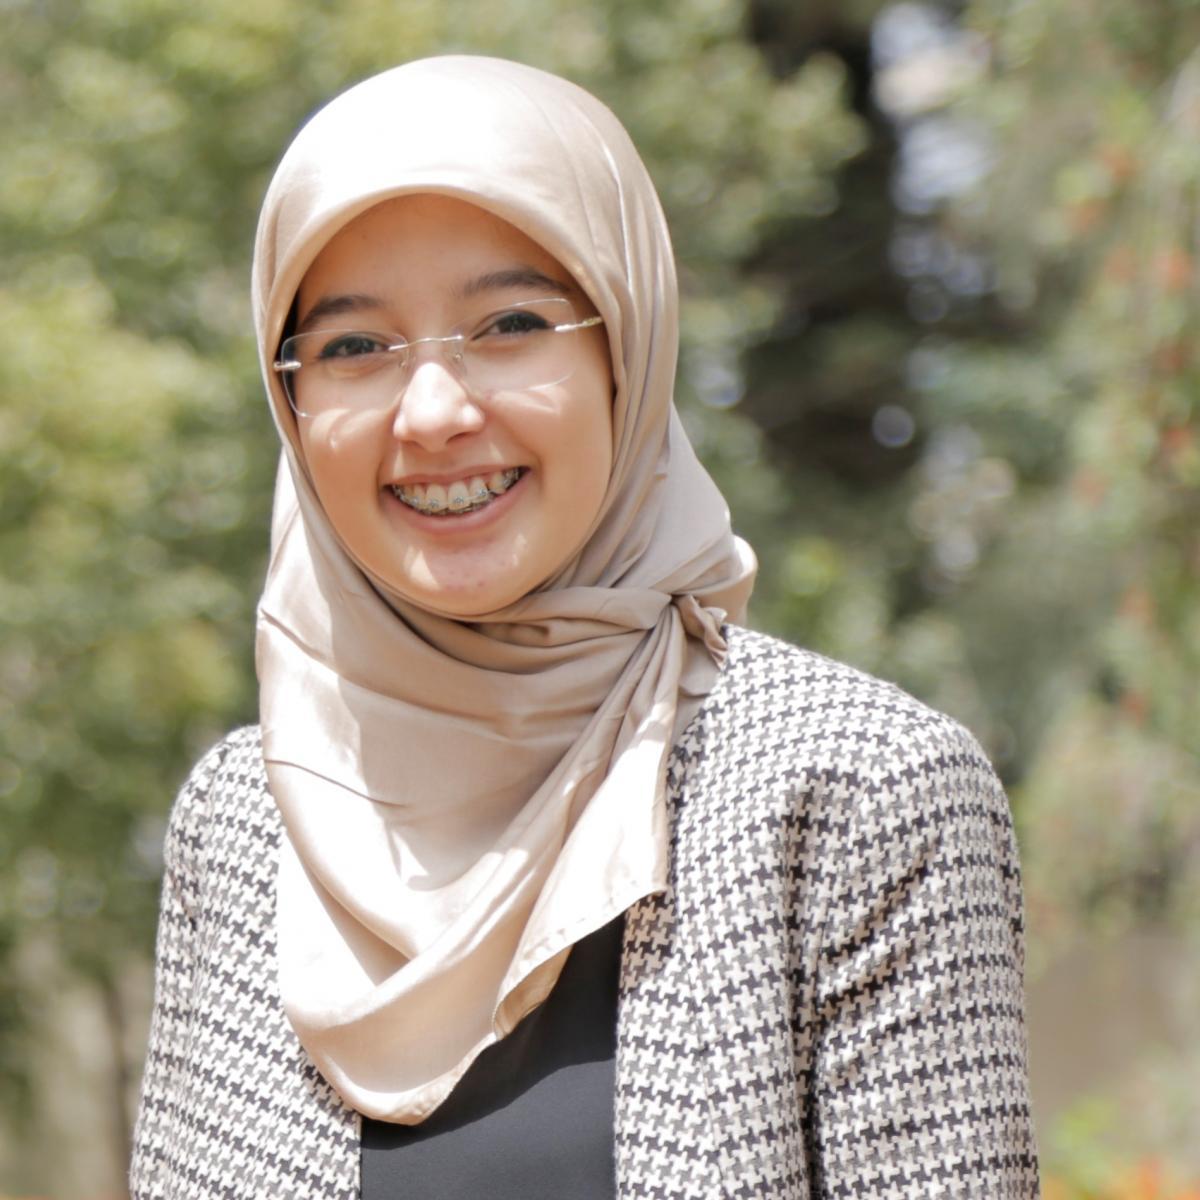 Ms. Chaymaa Rahmoun